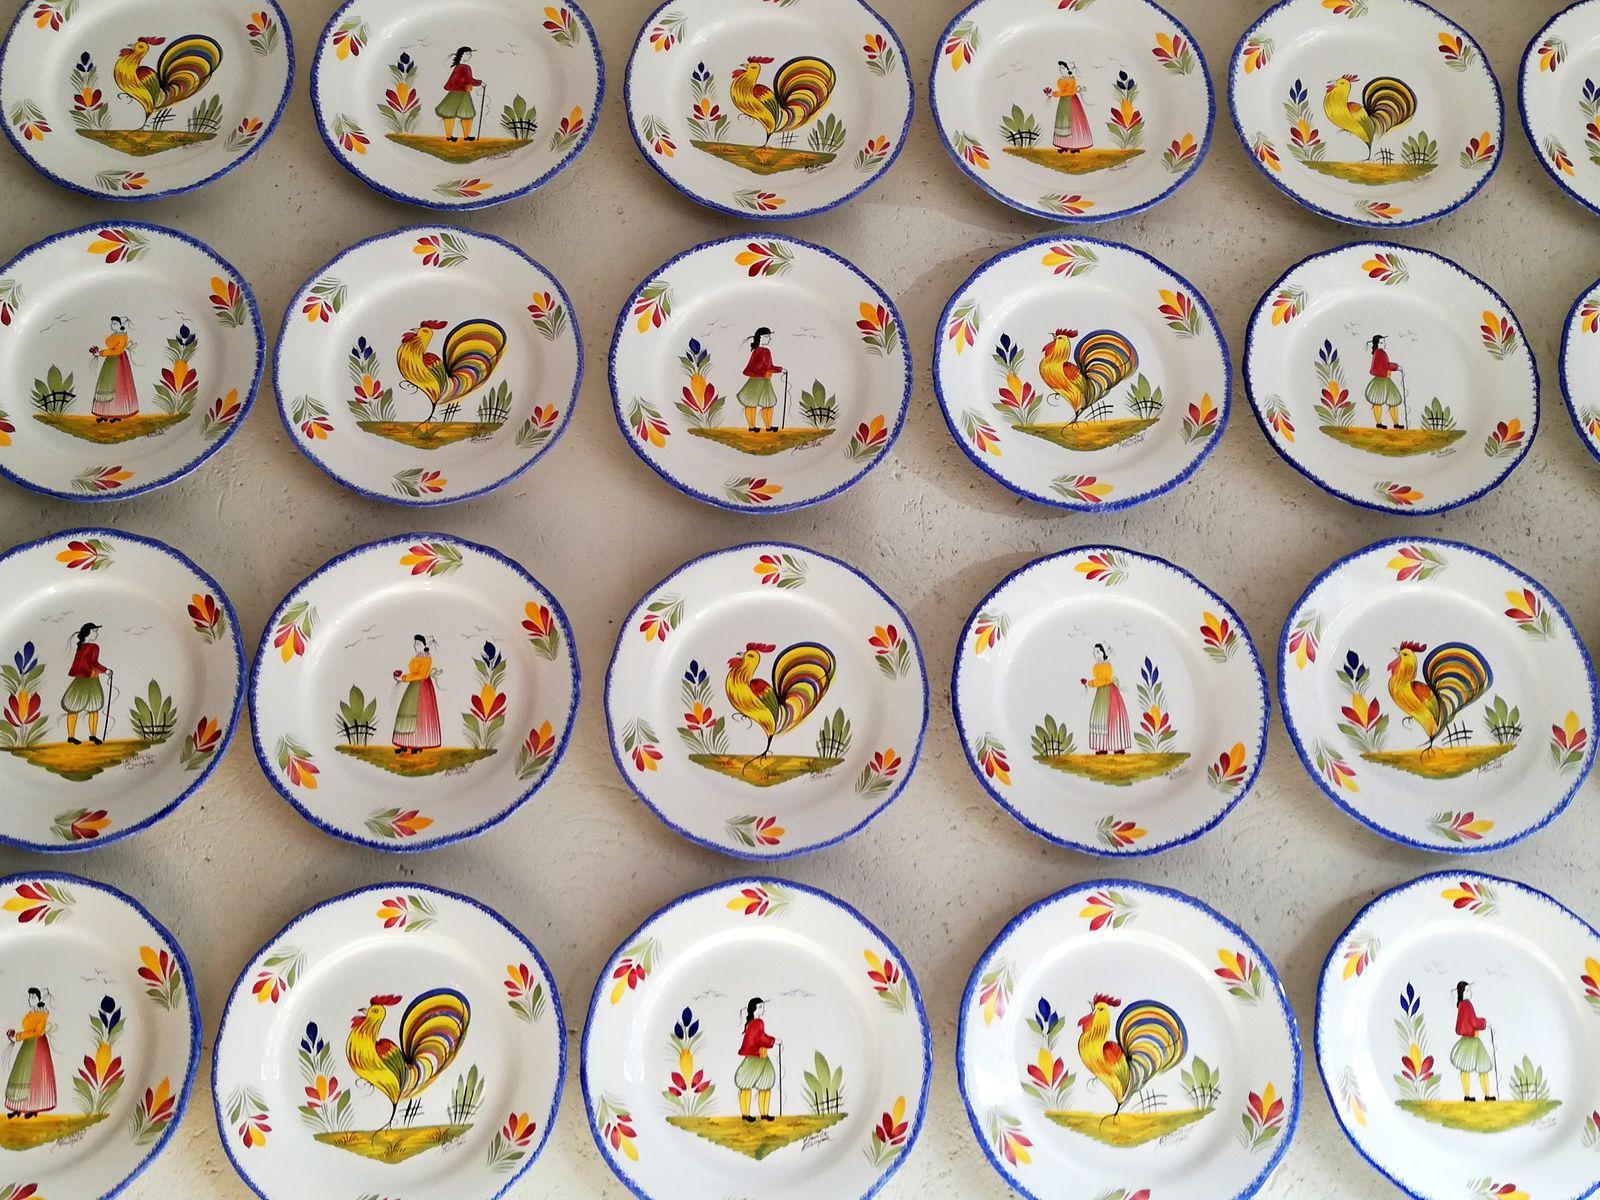 Mur d'assiettes Musée faiencerie Henriot Quimper